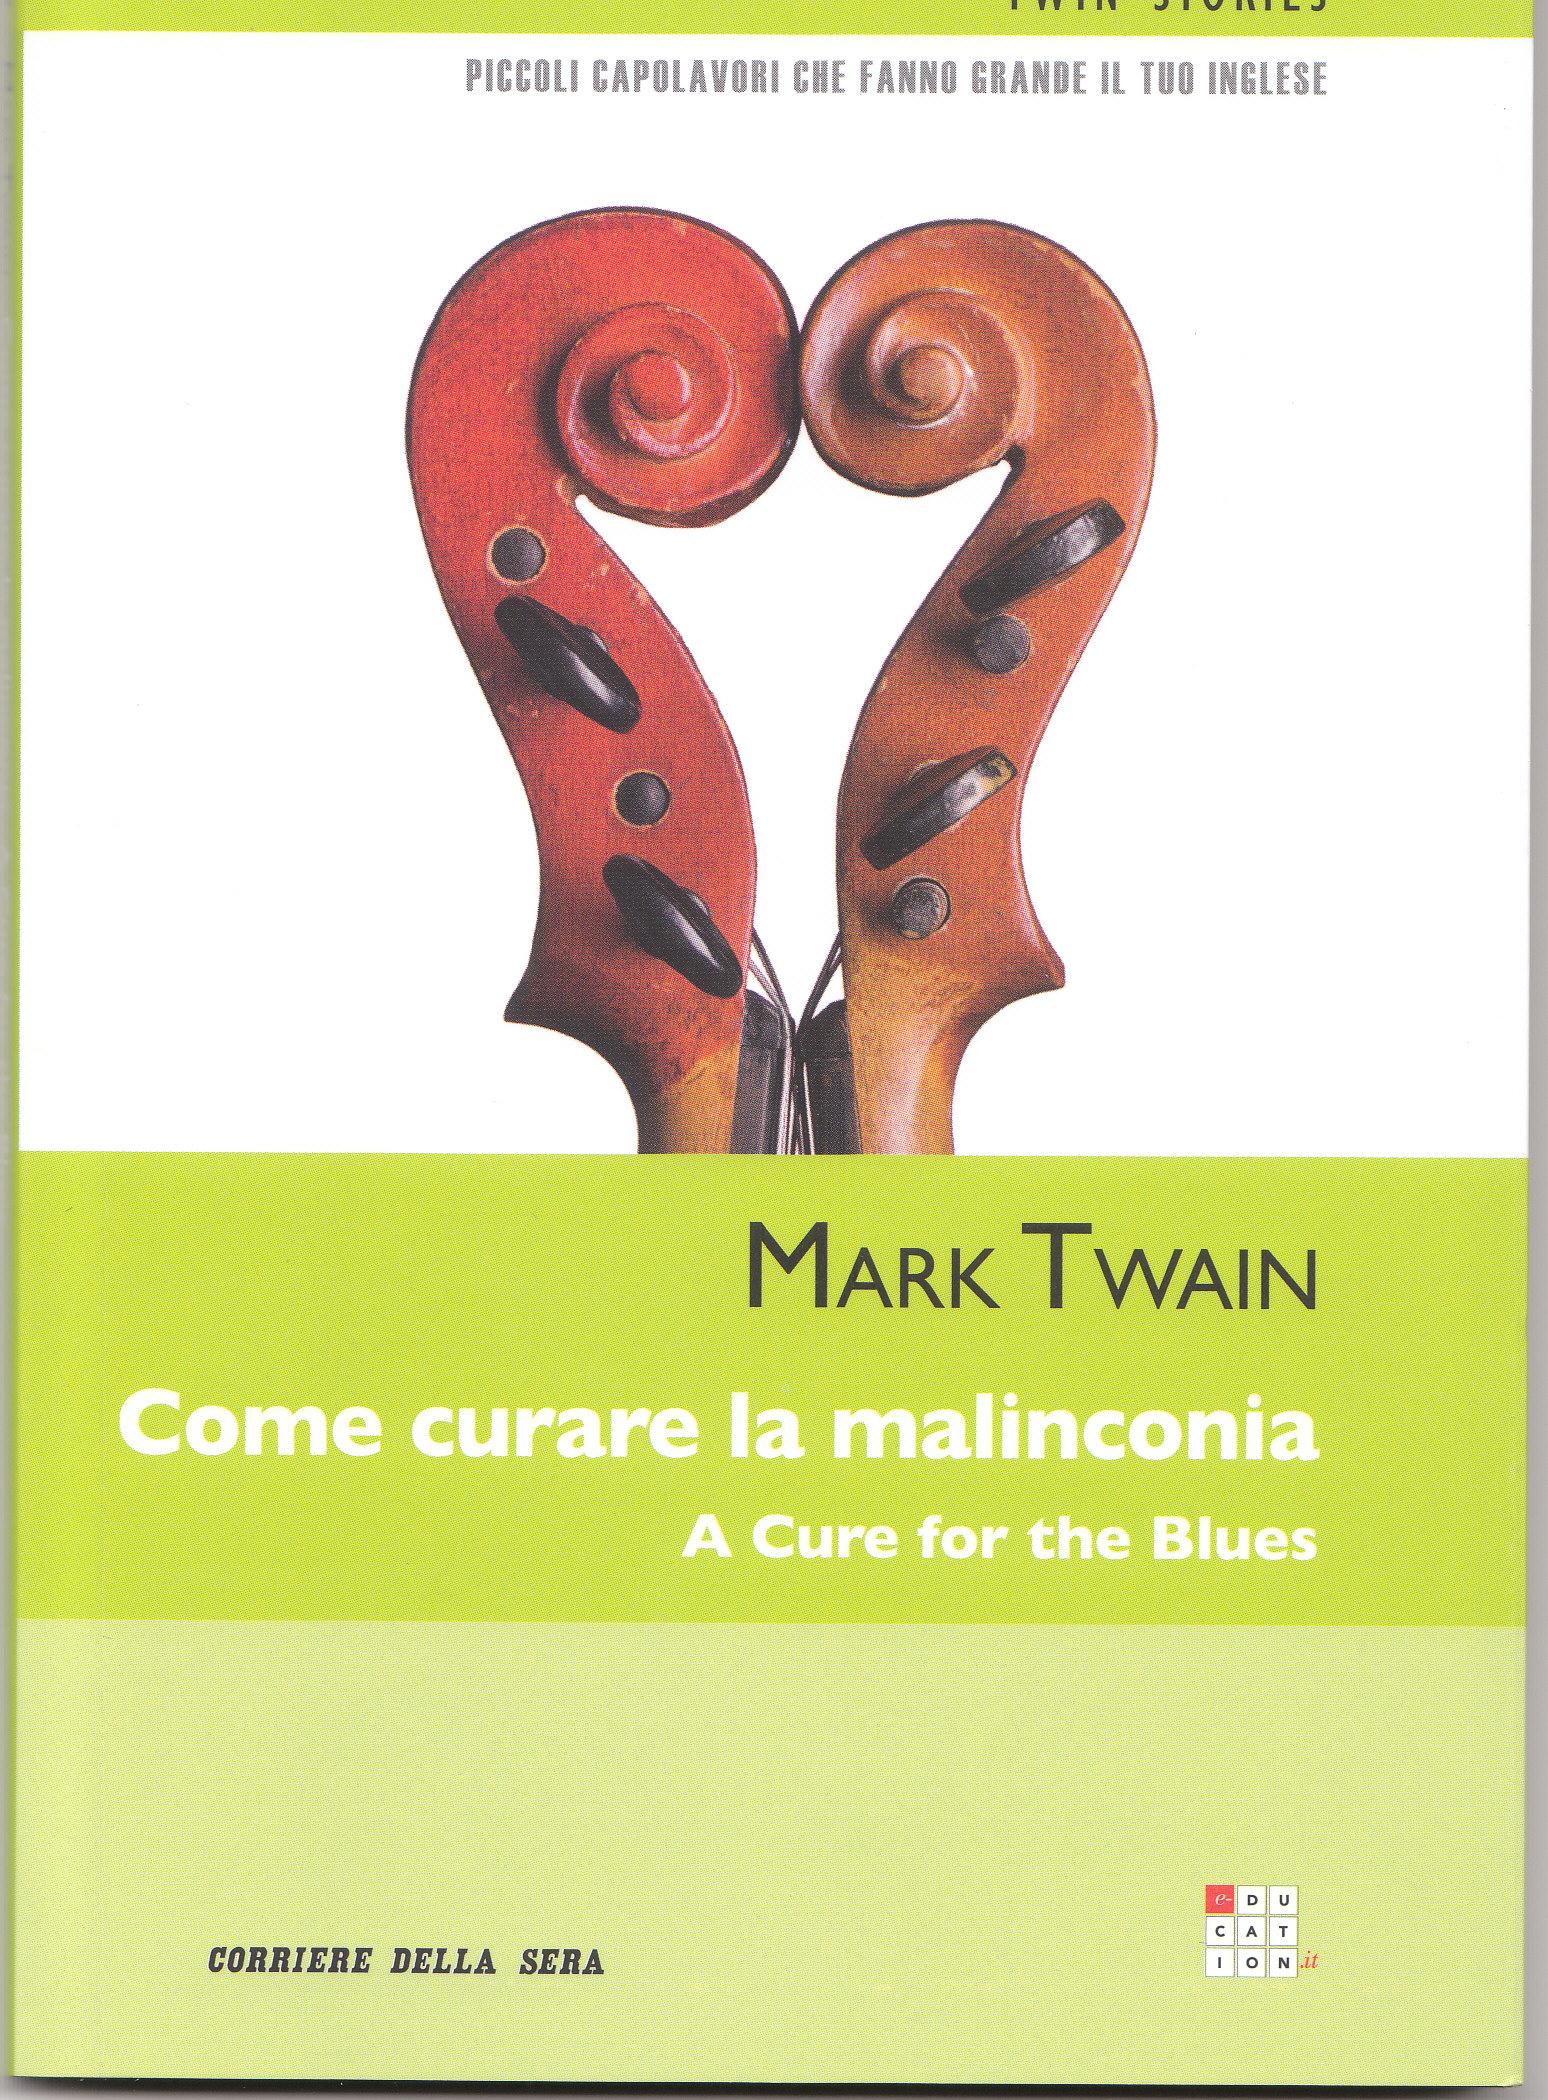 Come curare la malinconia / A Cure for the Blues